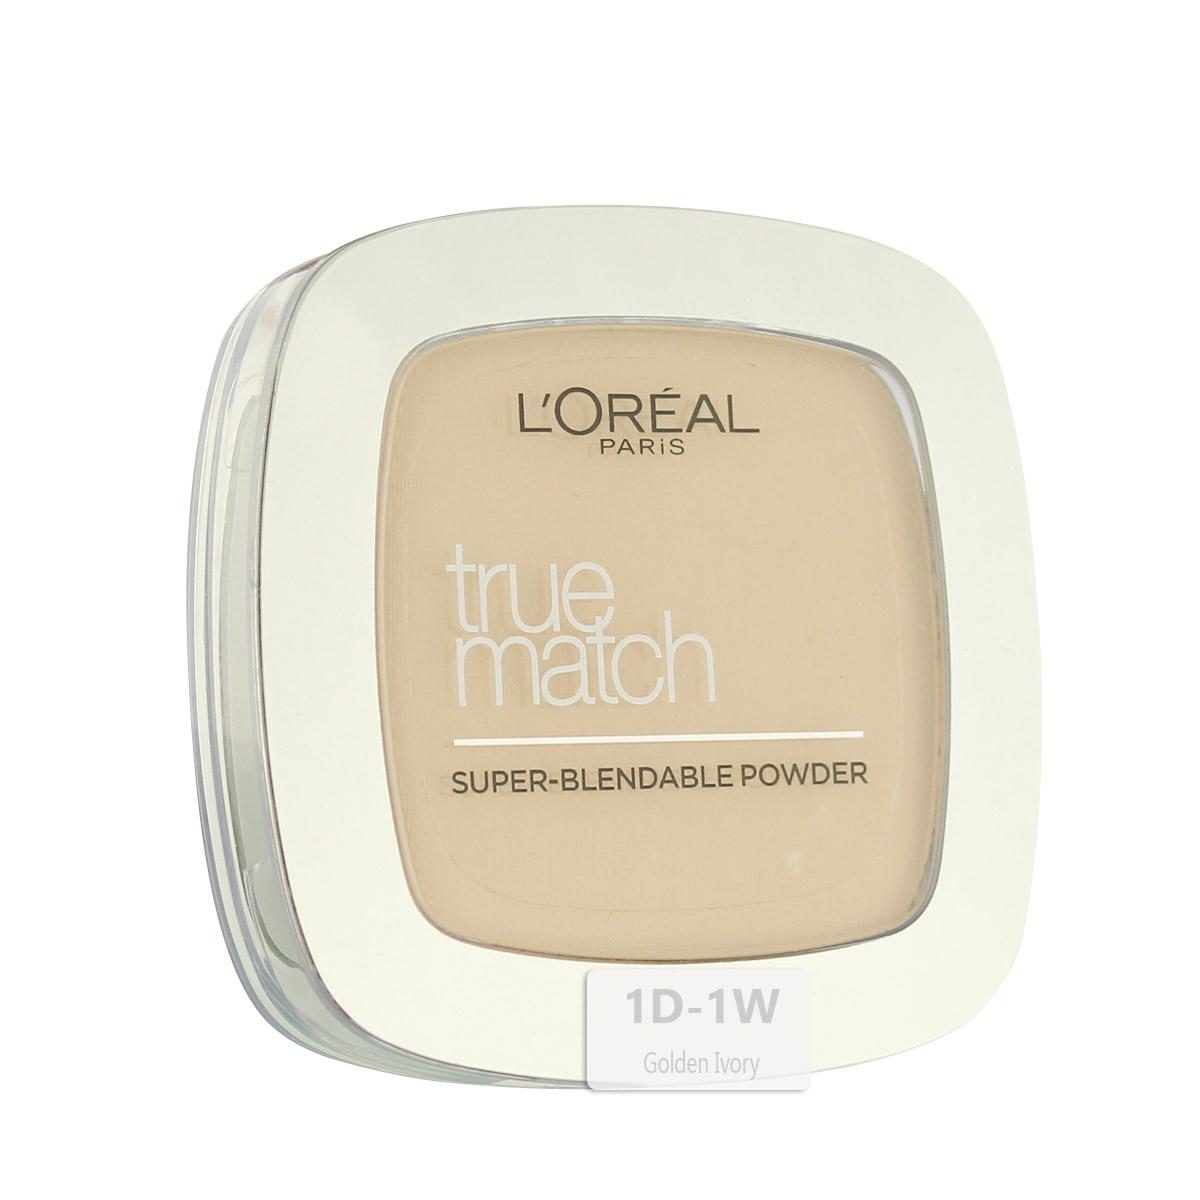 L´Oreal Paris True Match Super-Blendable Powder (1D/1W Golden Ivory) 9 g